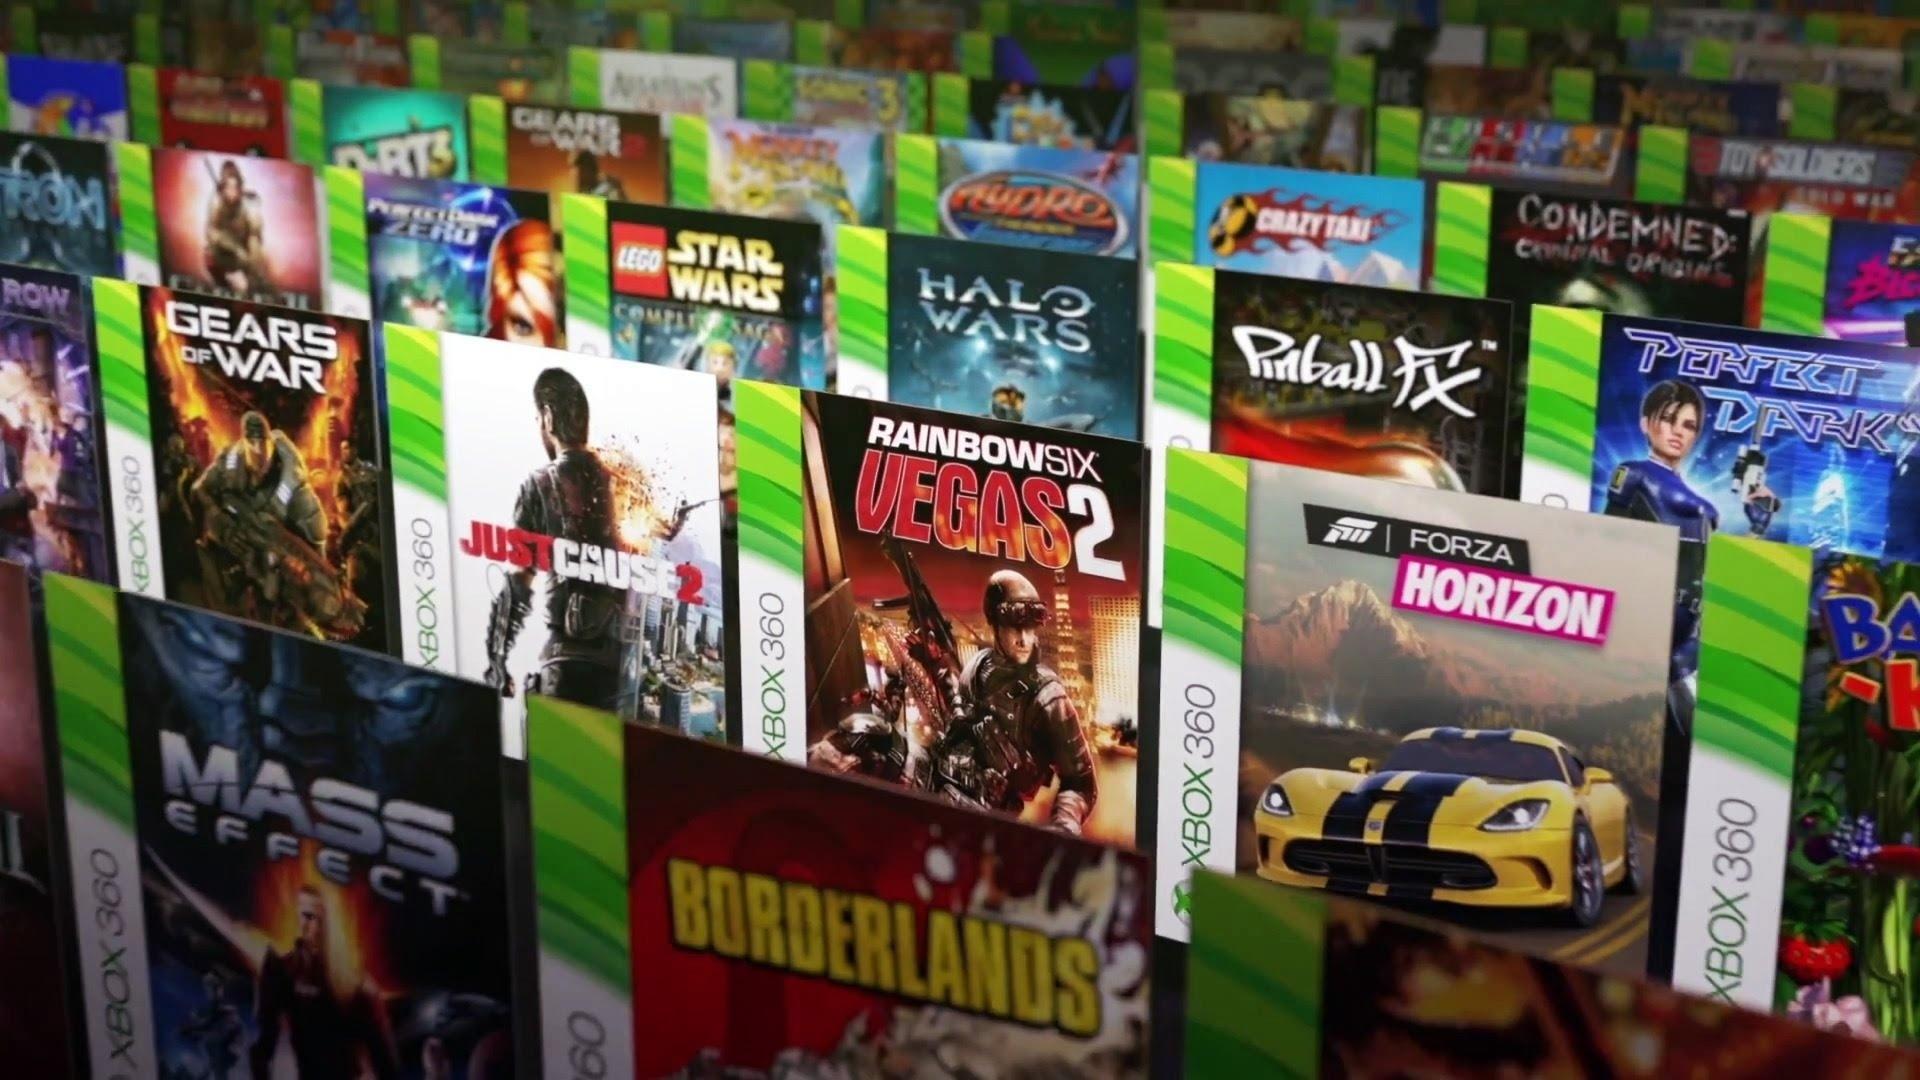 Conheça os jogos mais bem avaliados do Xbox 360 - 13 05 2017 - UOL  Entretenimento aa8ce83bfe